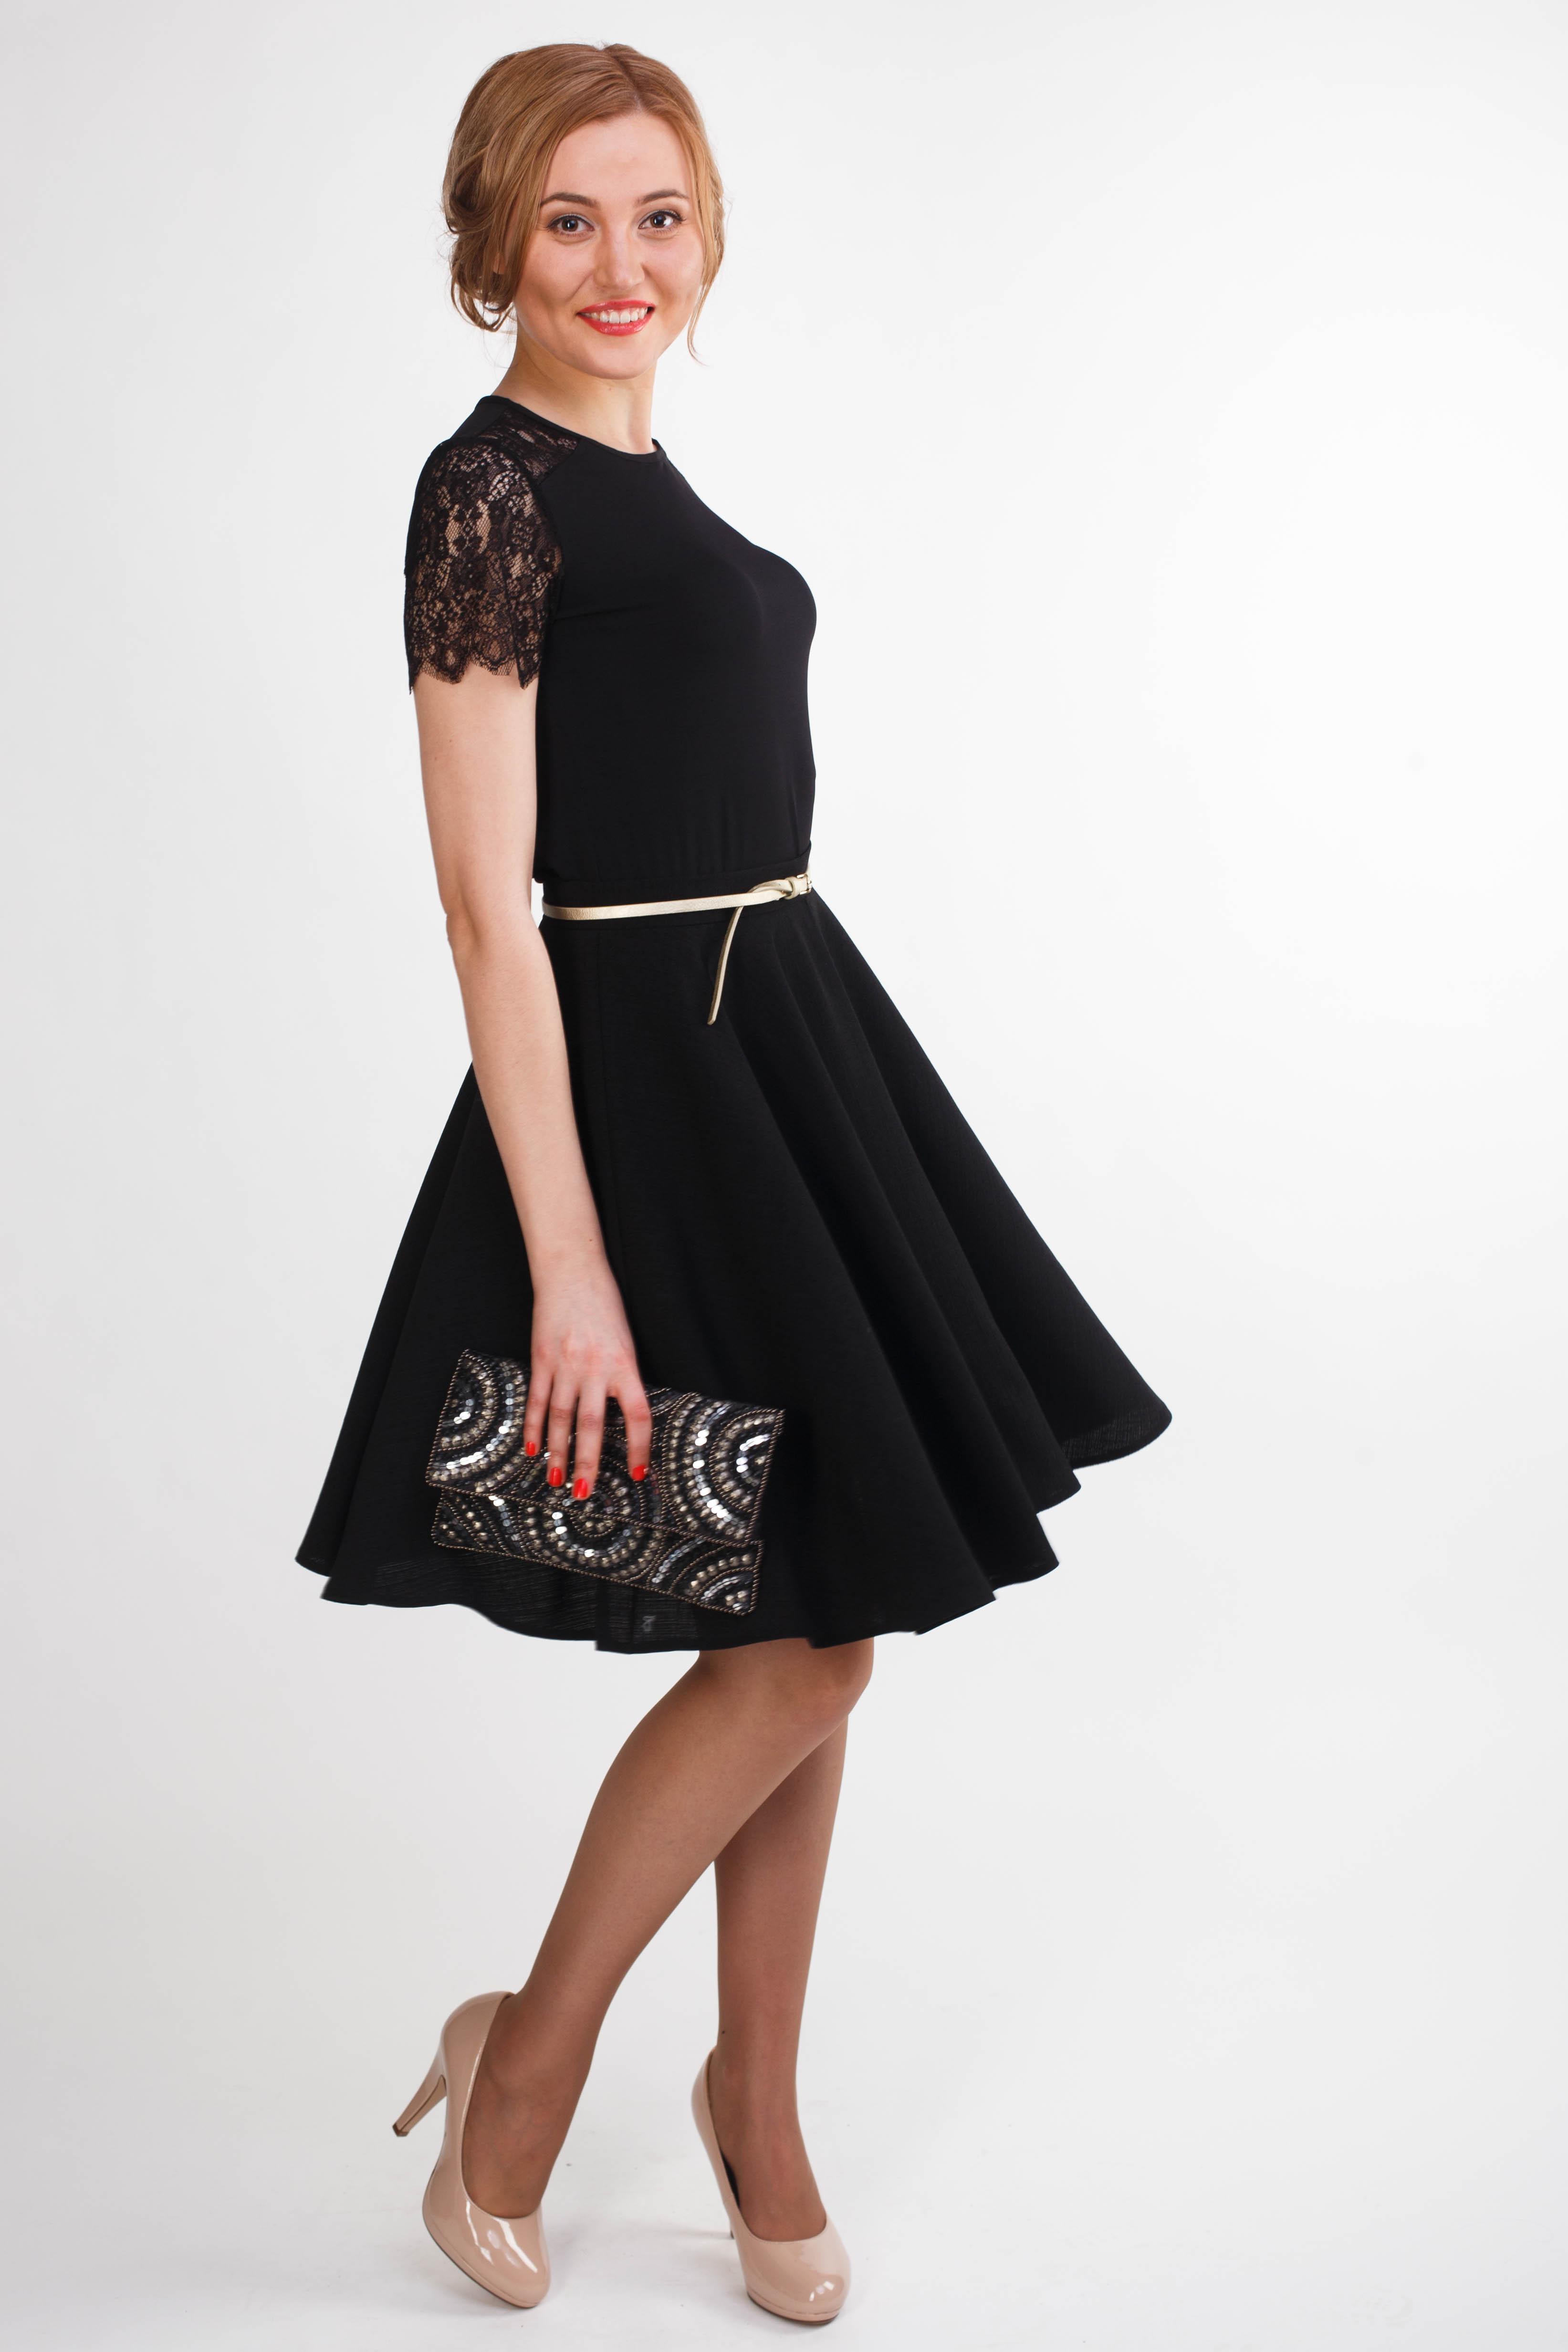 Сбор заказов.Распродажа модной женской одежды.Размерный ряд от 42 до 60 размера. Выкуп 2.